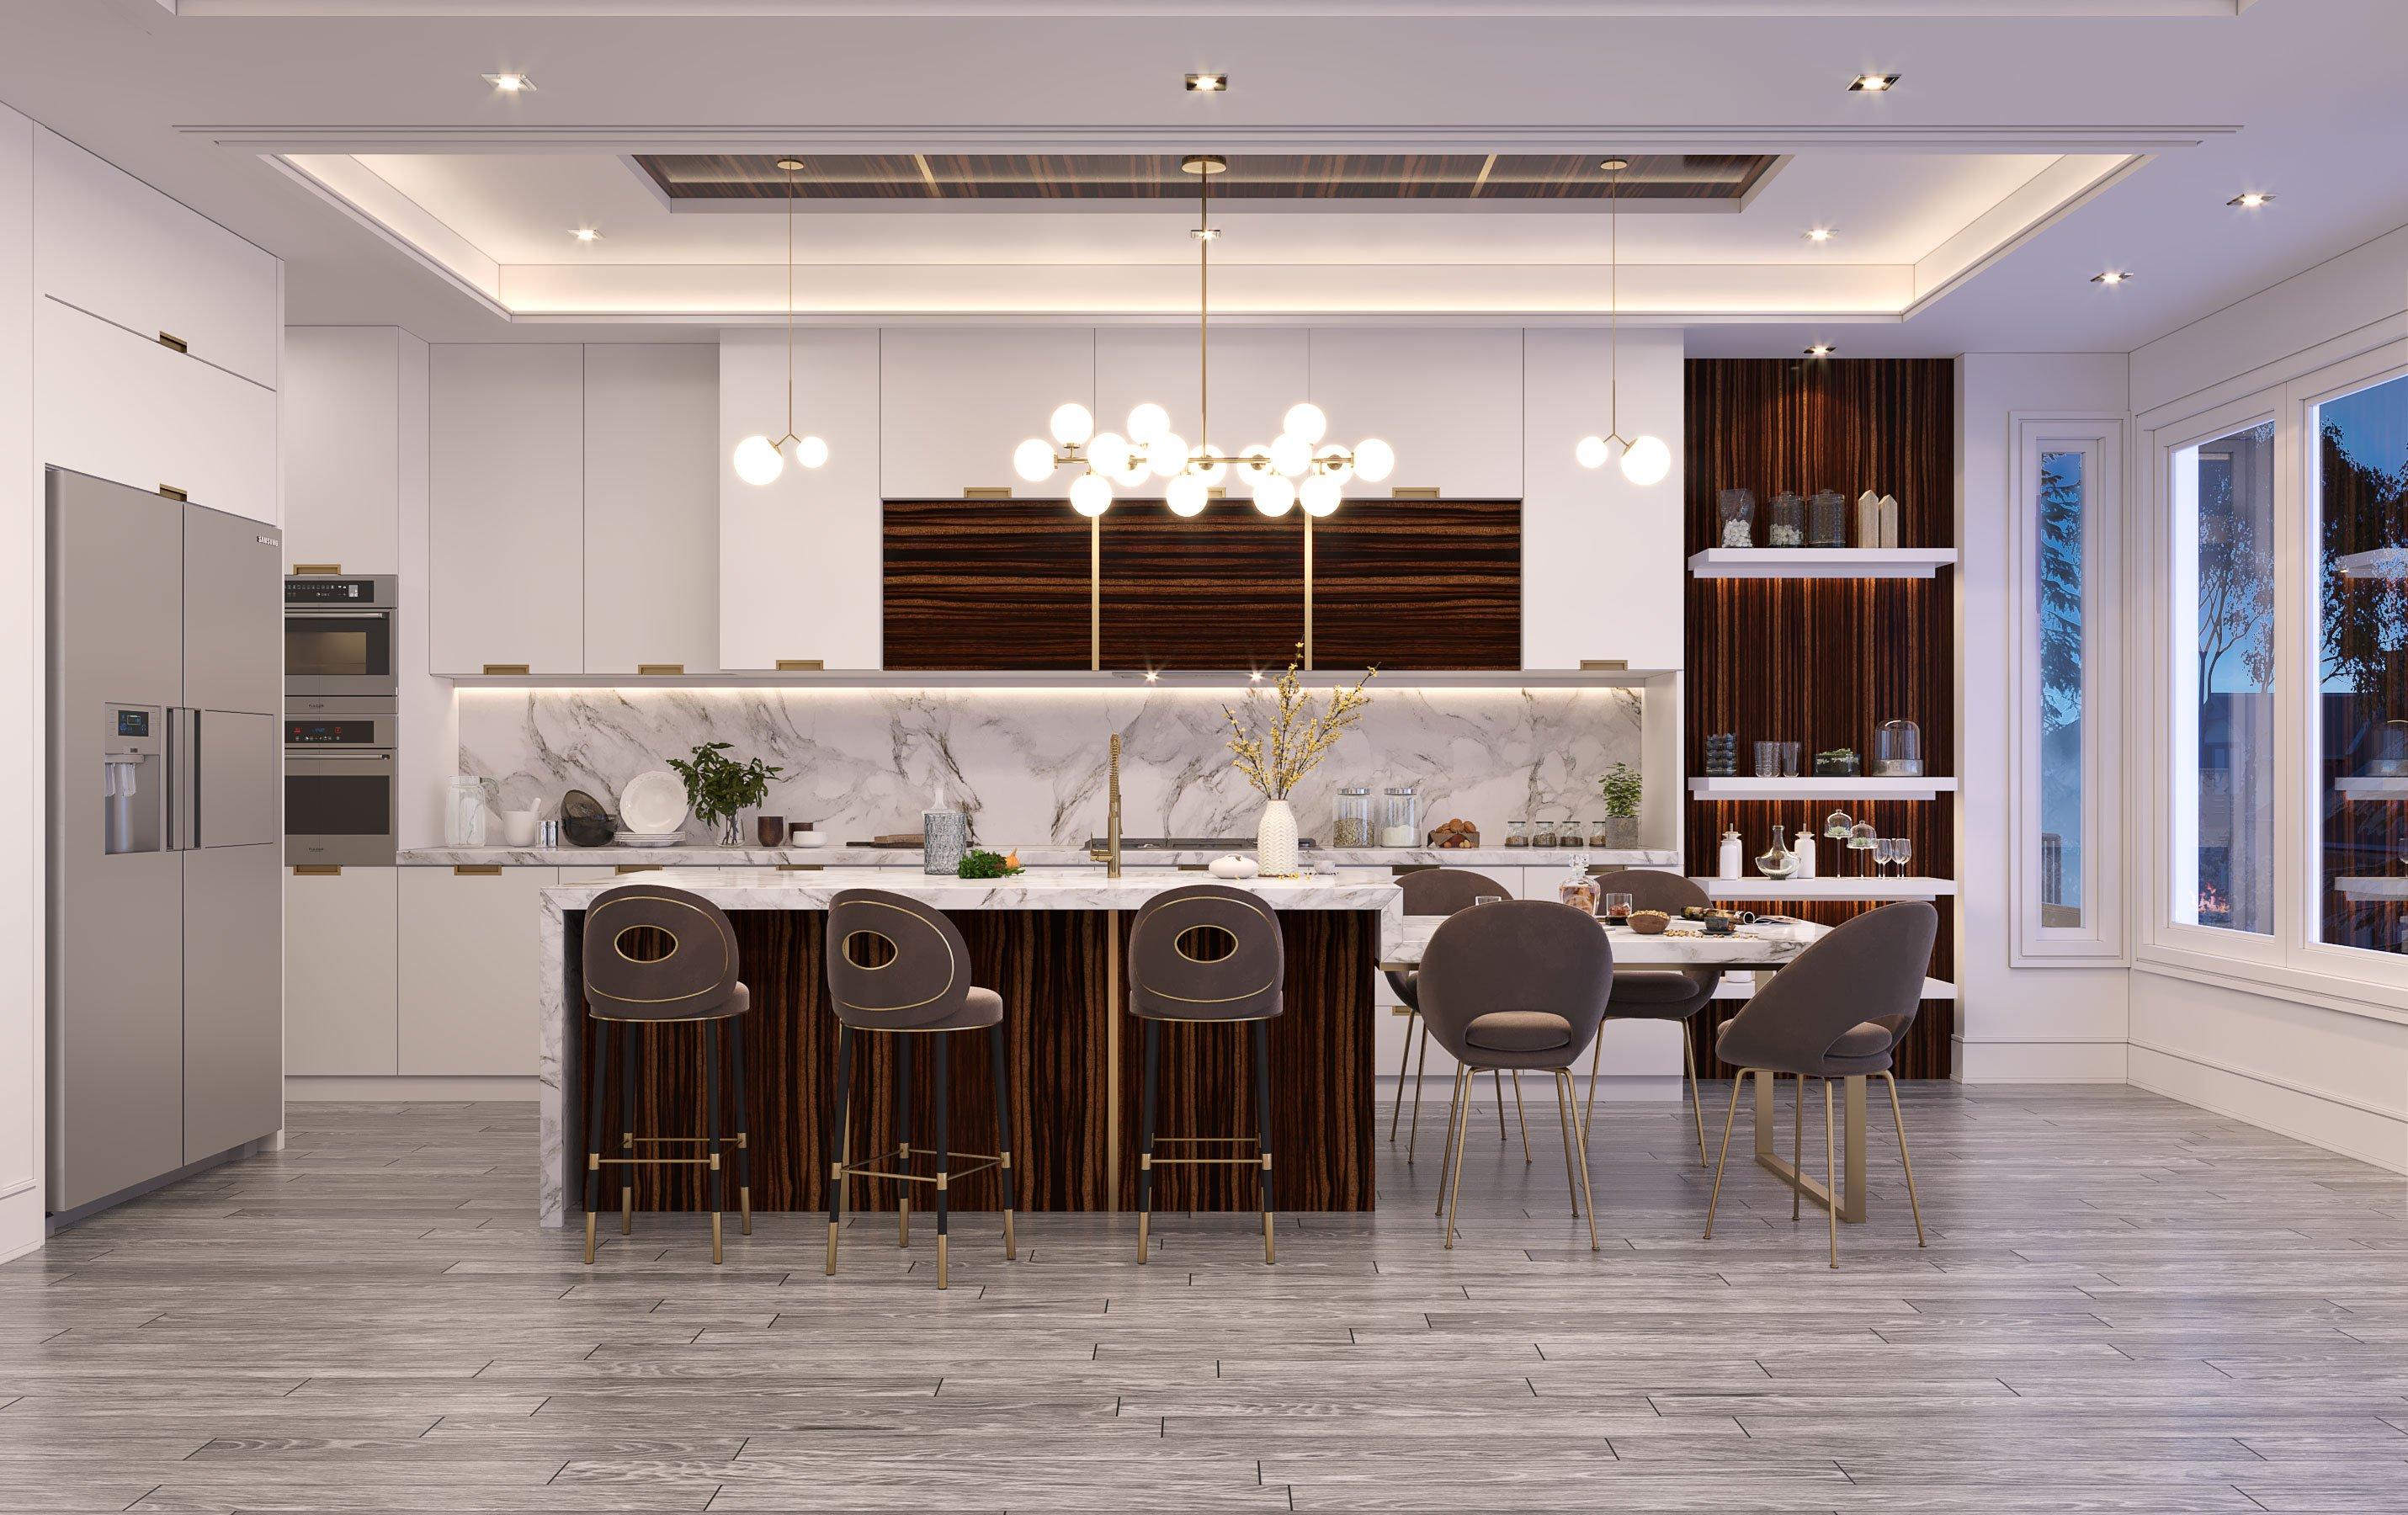 Harmon interior design